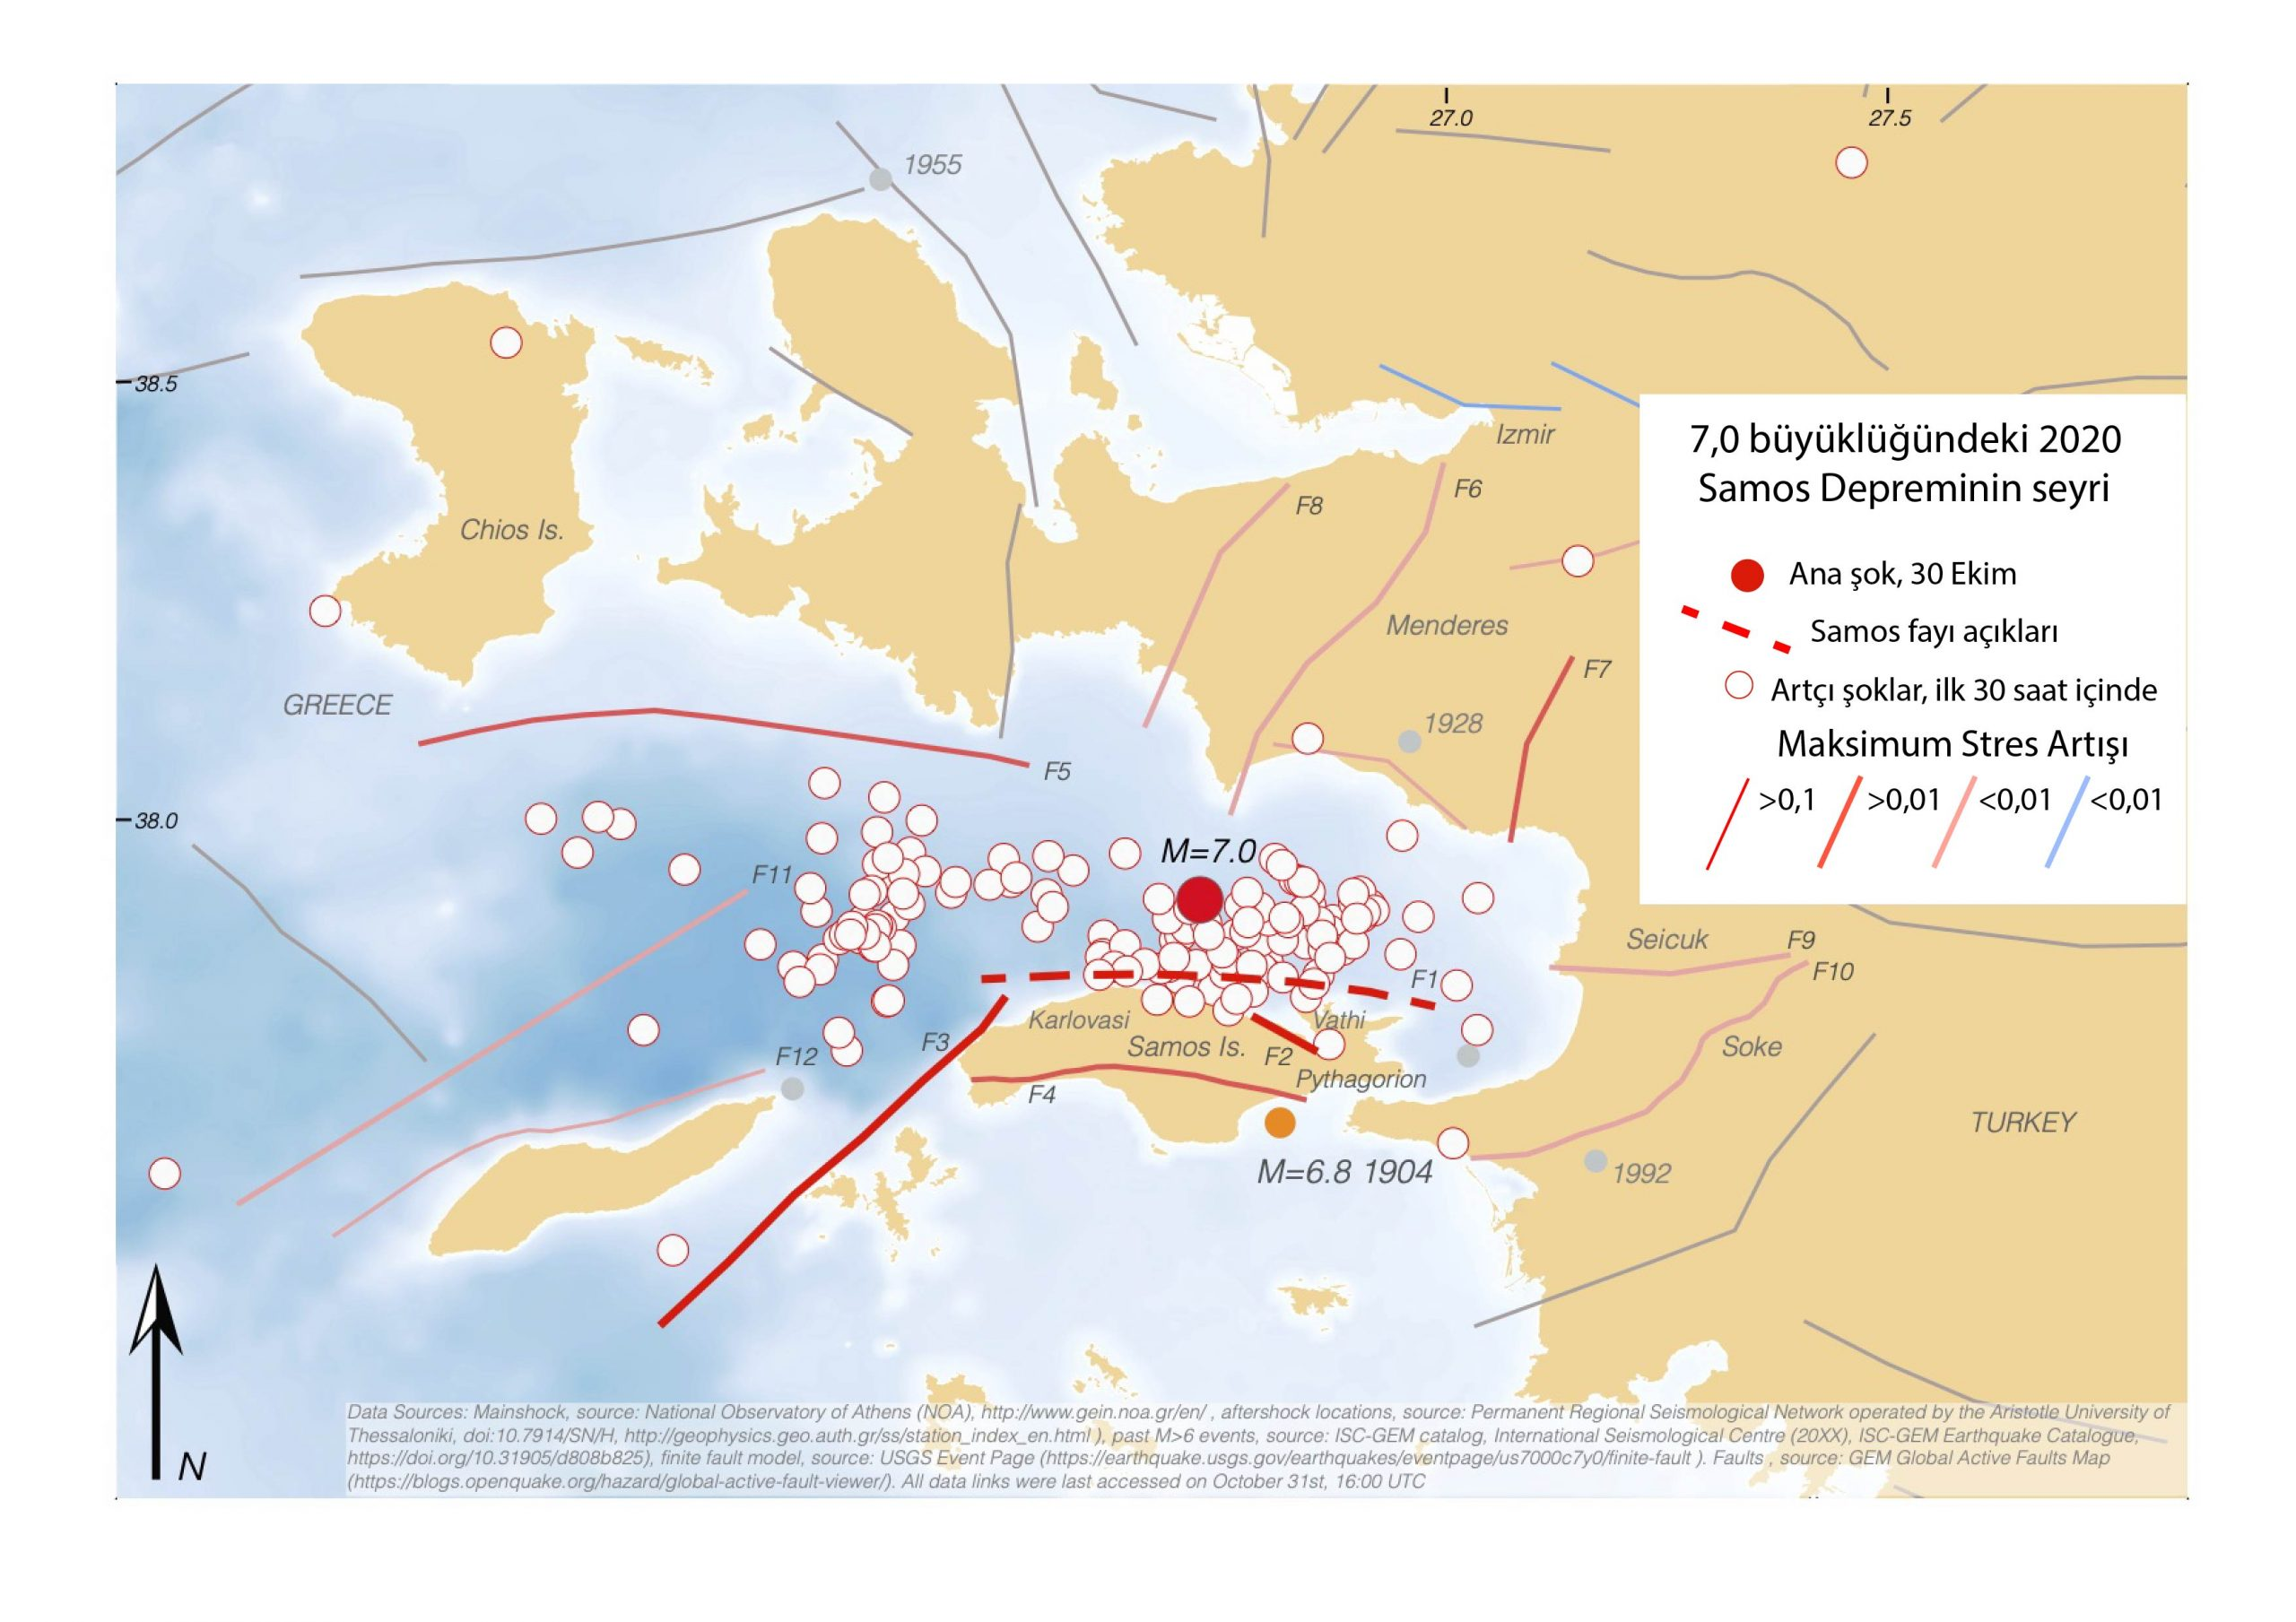 7,0 büyüklüğündeki Samos depreminden sonraki ilk 30 saat içinde gerçekleşen artçı şoklar. Önceki 6,0 ve daha büyük depremler gri halkalar halinde gösterilmiştir. Faylar, fay boyunca gözlenen maksimum stres değişimine göre değişen renklerle gösterilmiştir. Cuma günkü depremle kırılma ihtimali artan faylar kırmızı renkle, kırılma ihtimali azalanlar ise mavi renkle gösterilmiştir.